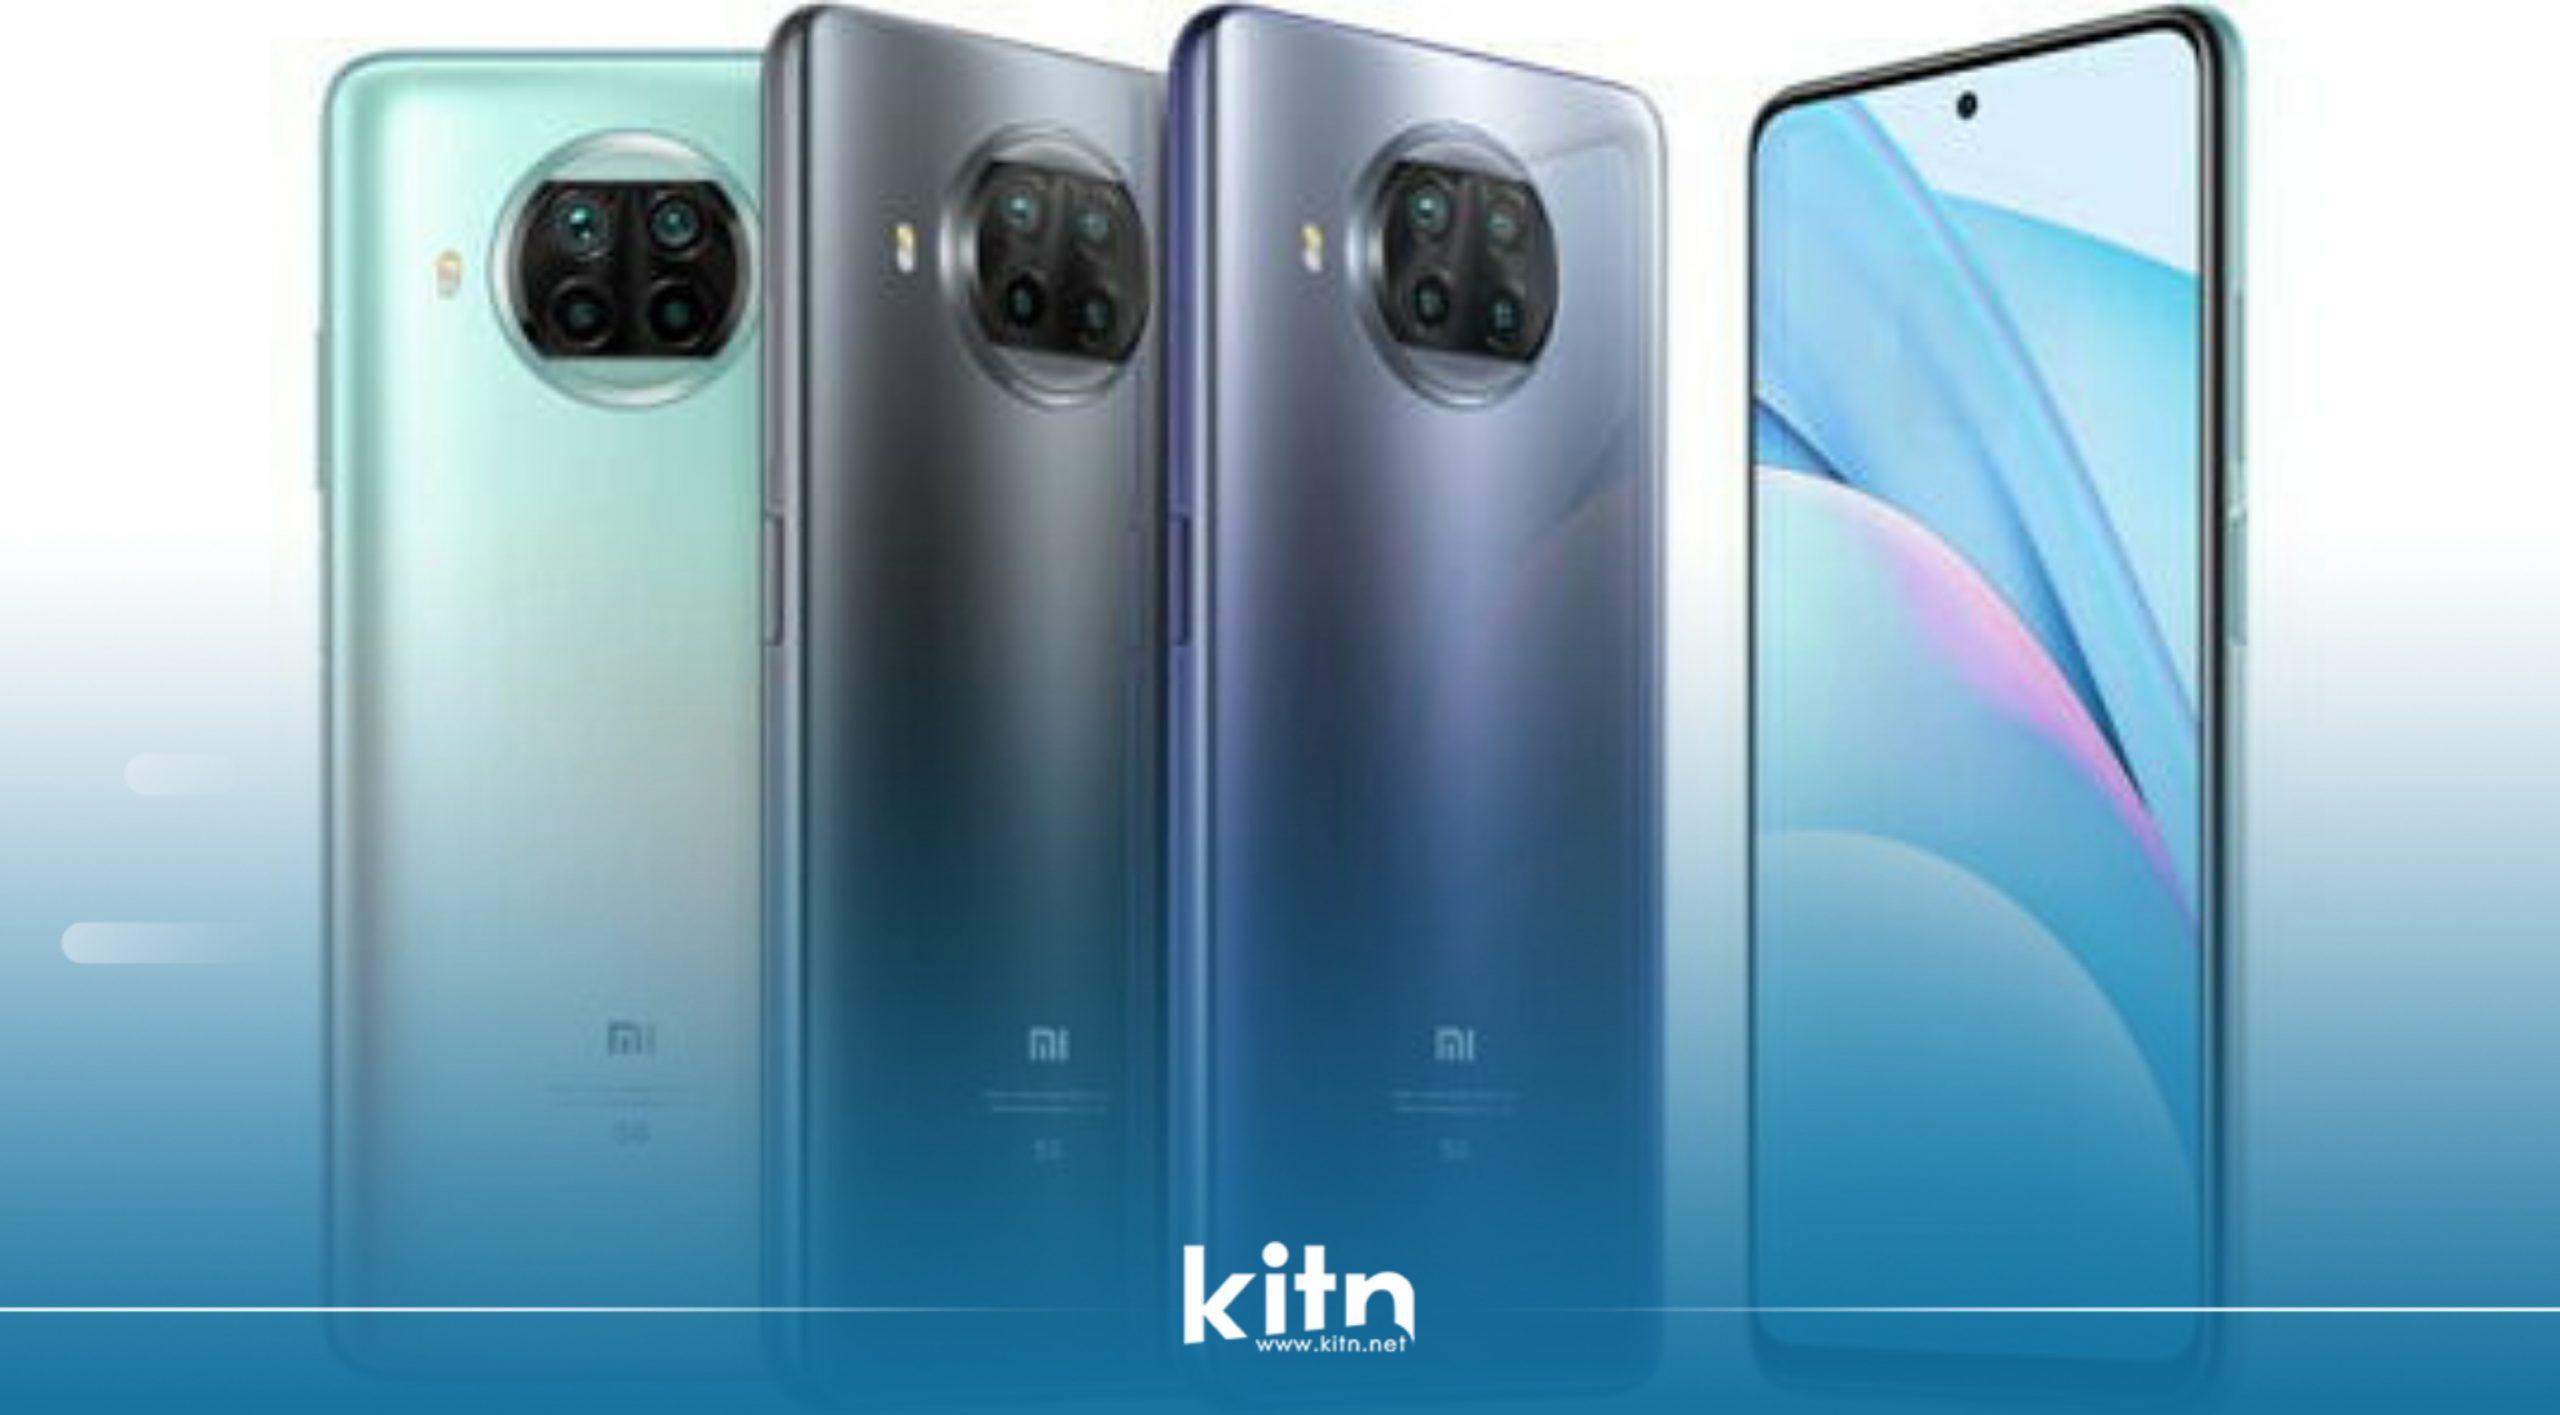 بە فەرمی مۆبایلی Xioami Mi 10T Lite وەک یەکەمین مۆبایلی جیهان بە چیپسێتی سناپدراگۆن 750G نمایش کرا